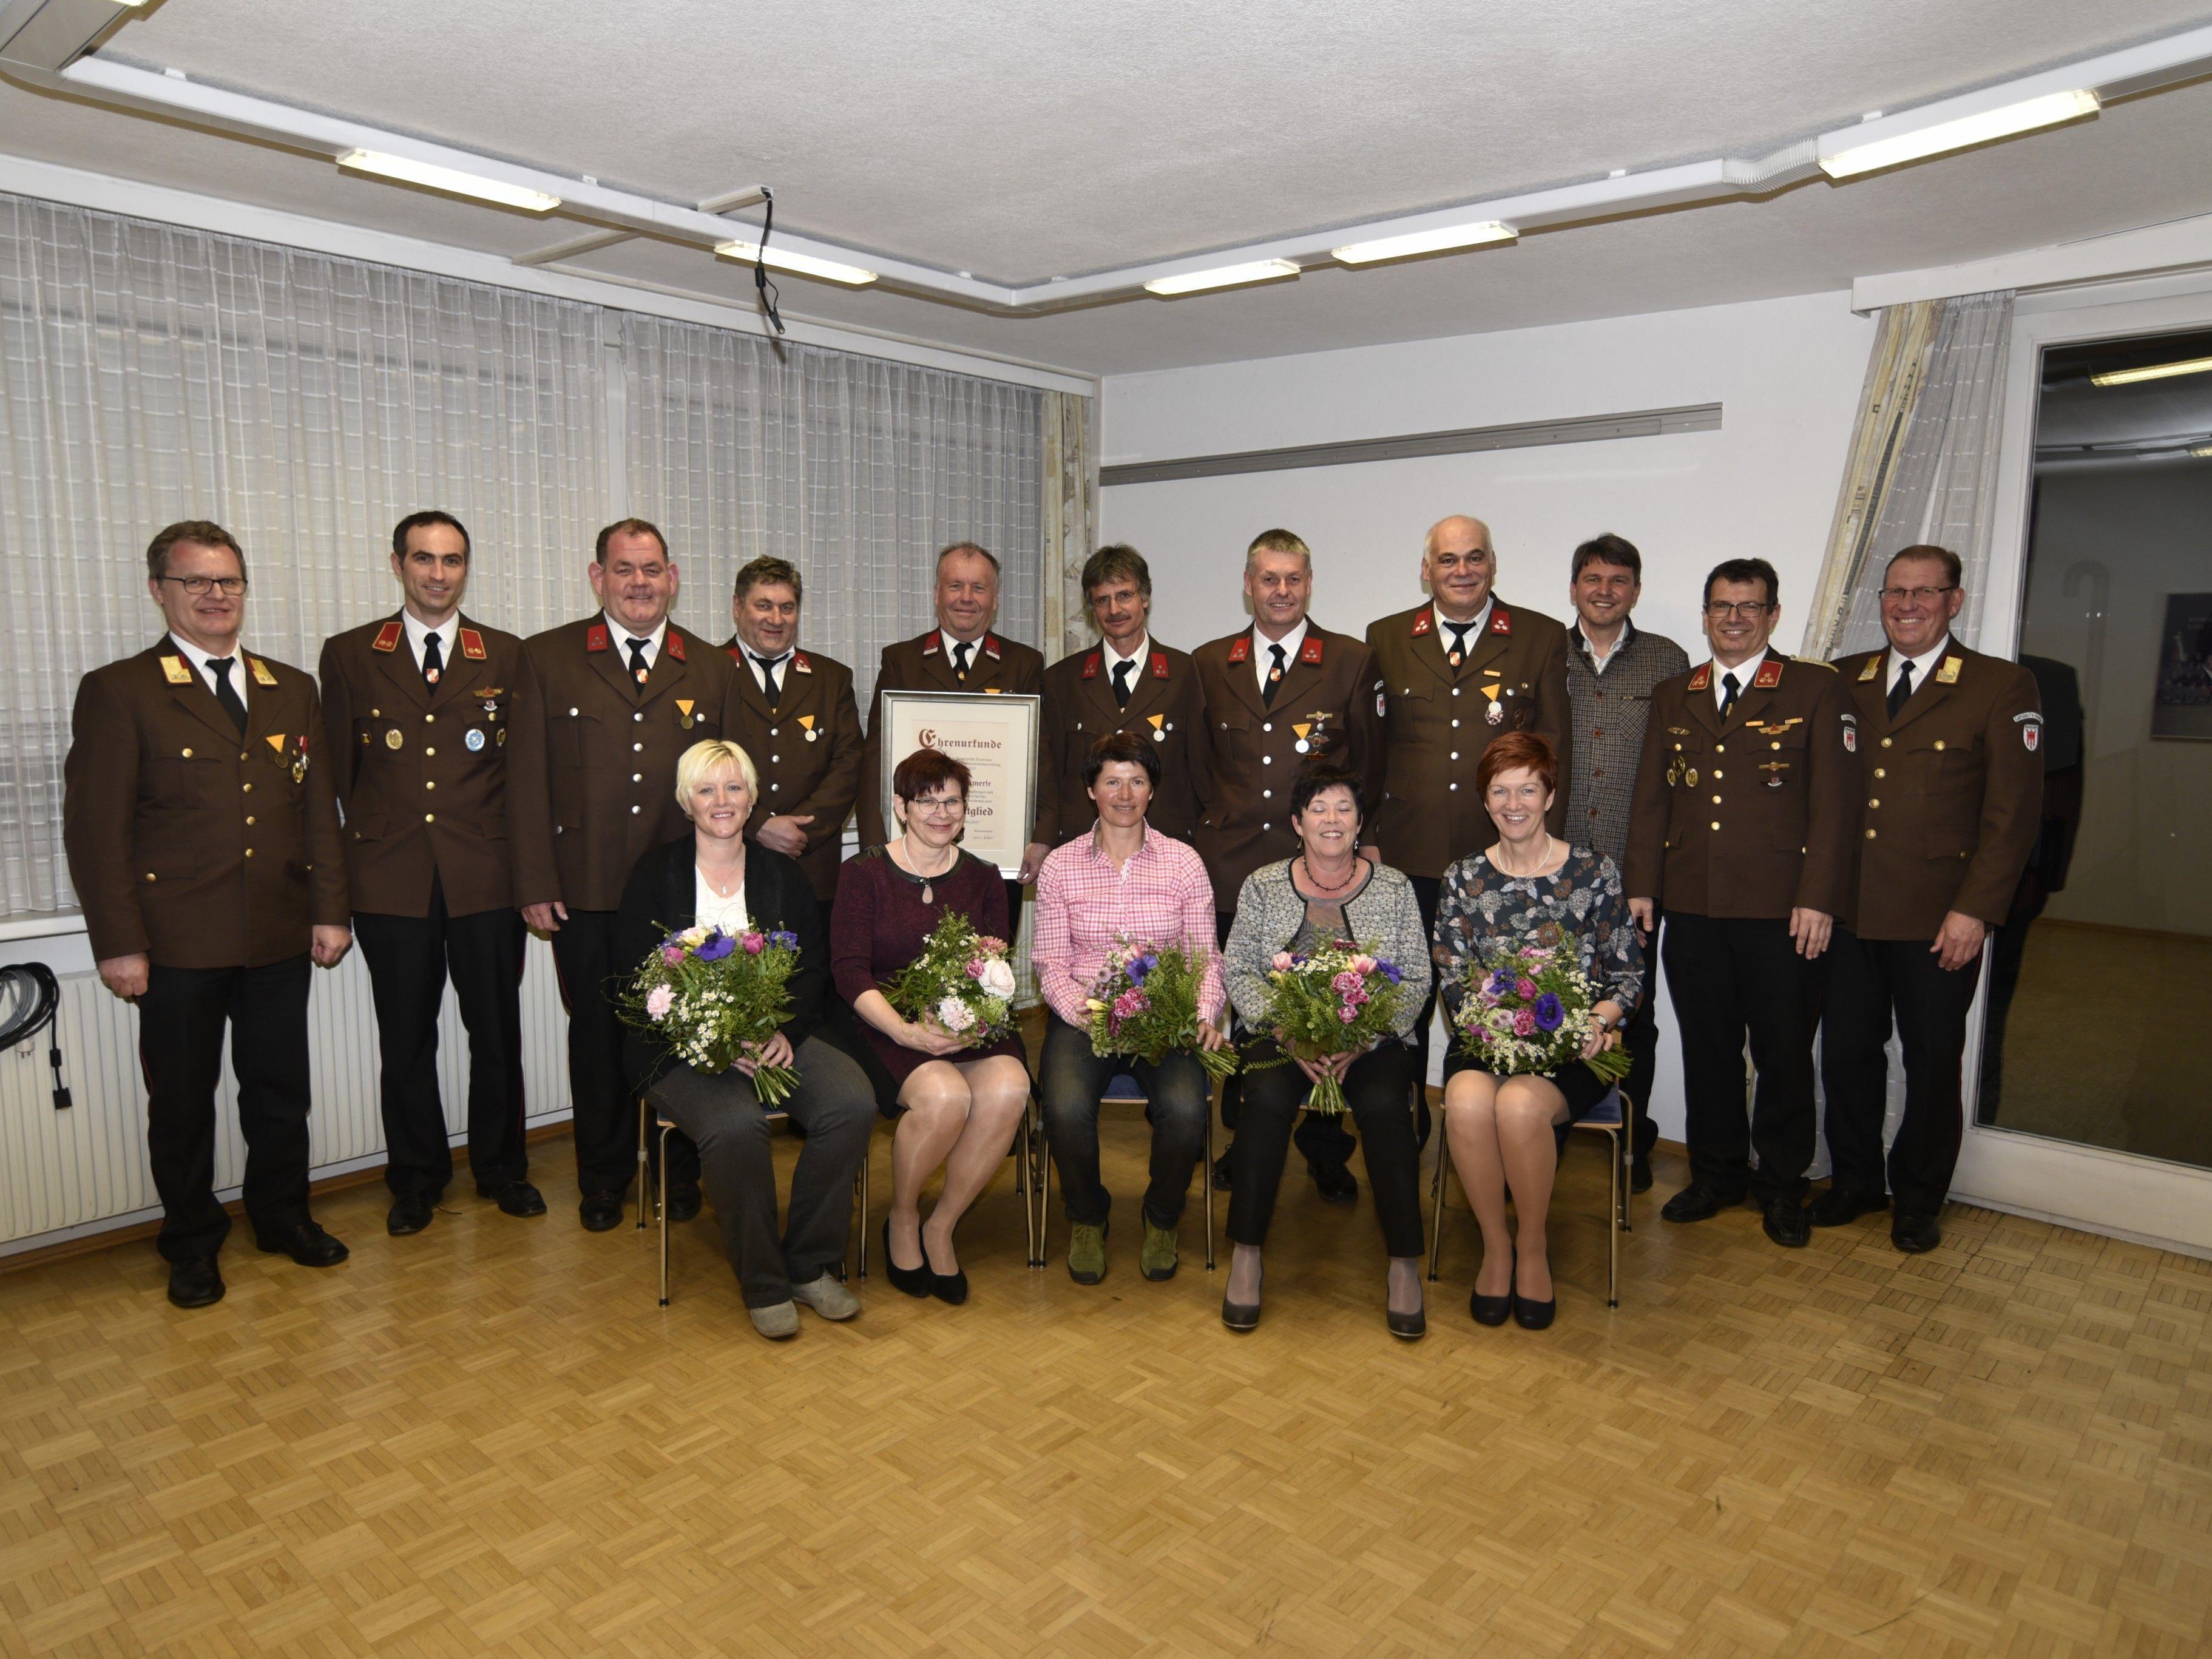 Mehrere Mitglieder wurden für ihren langjährigen Einsatz für die Feuerwehr geehrt.